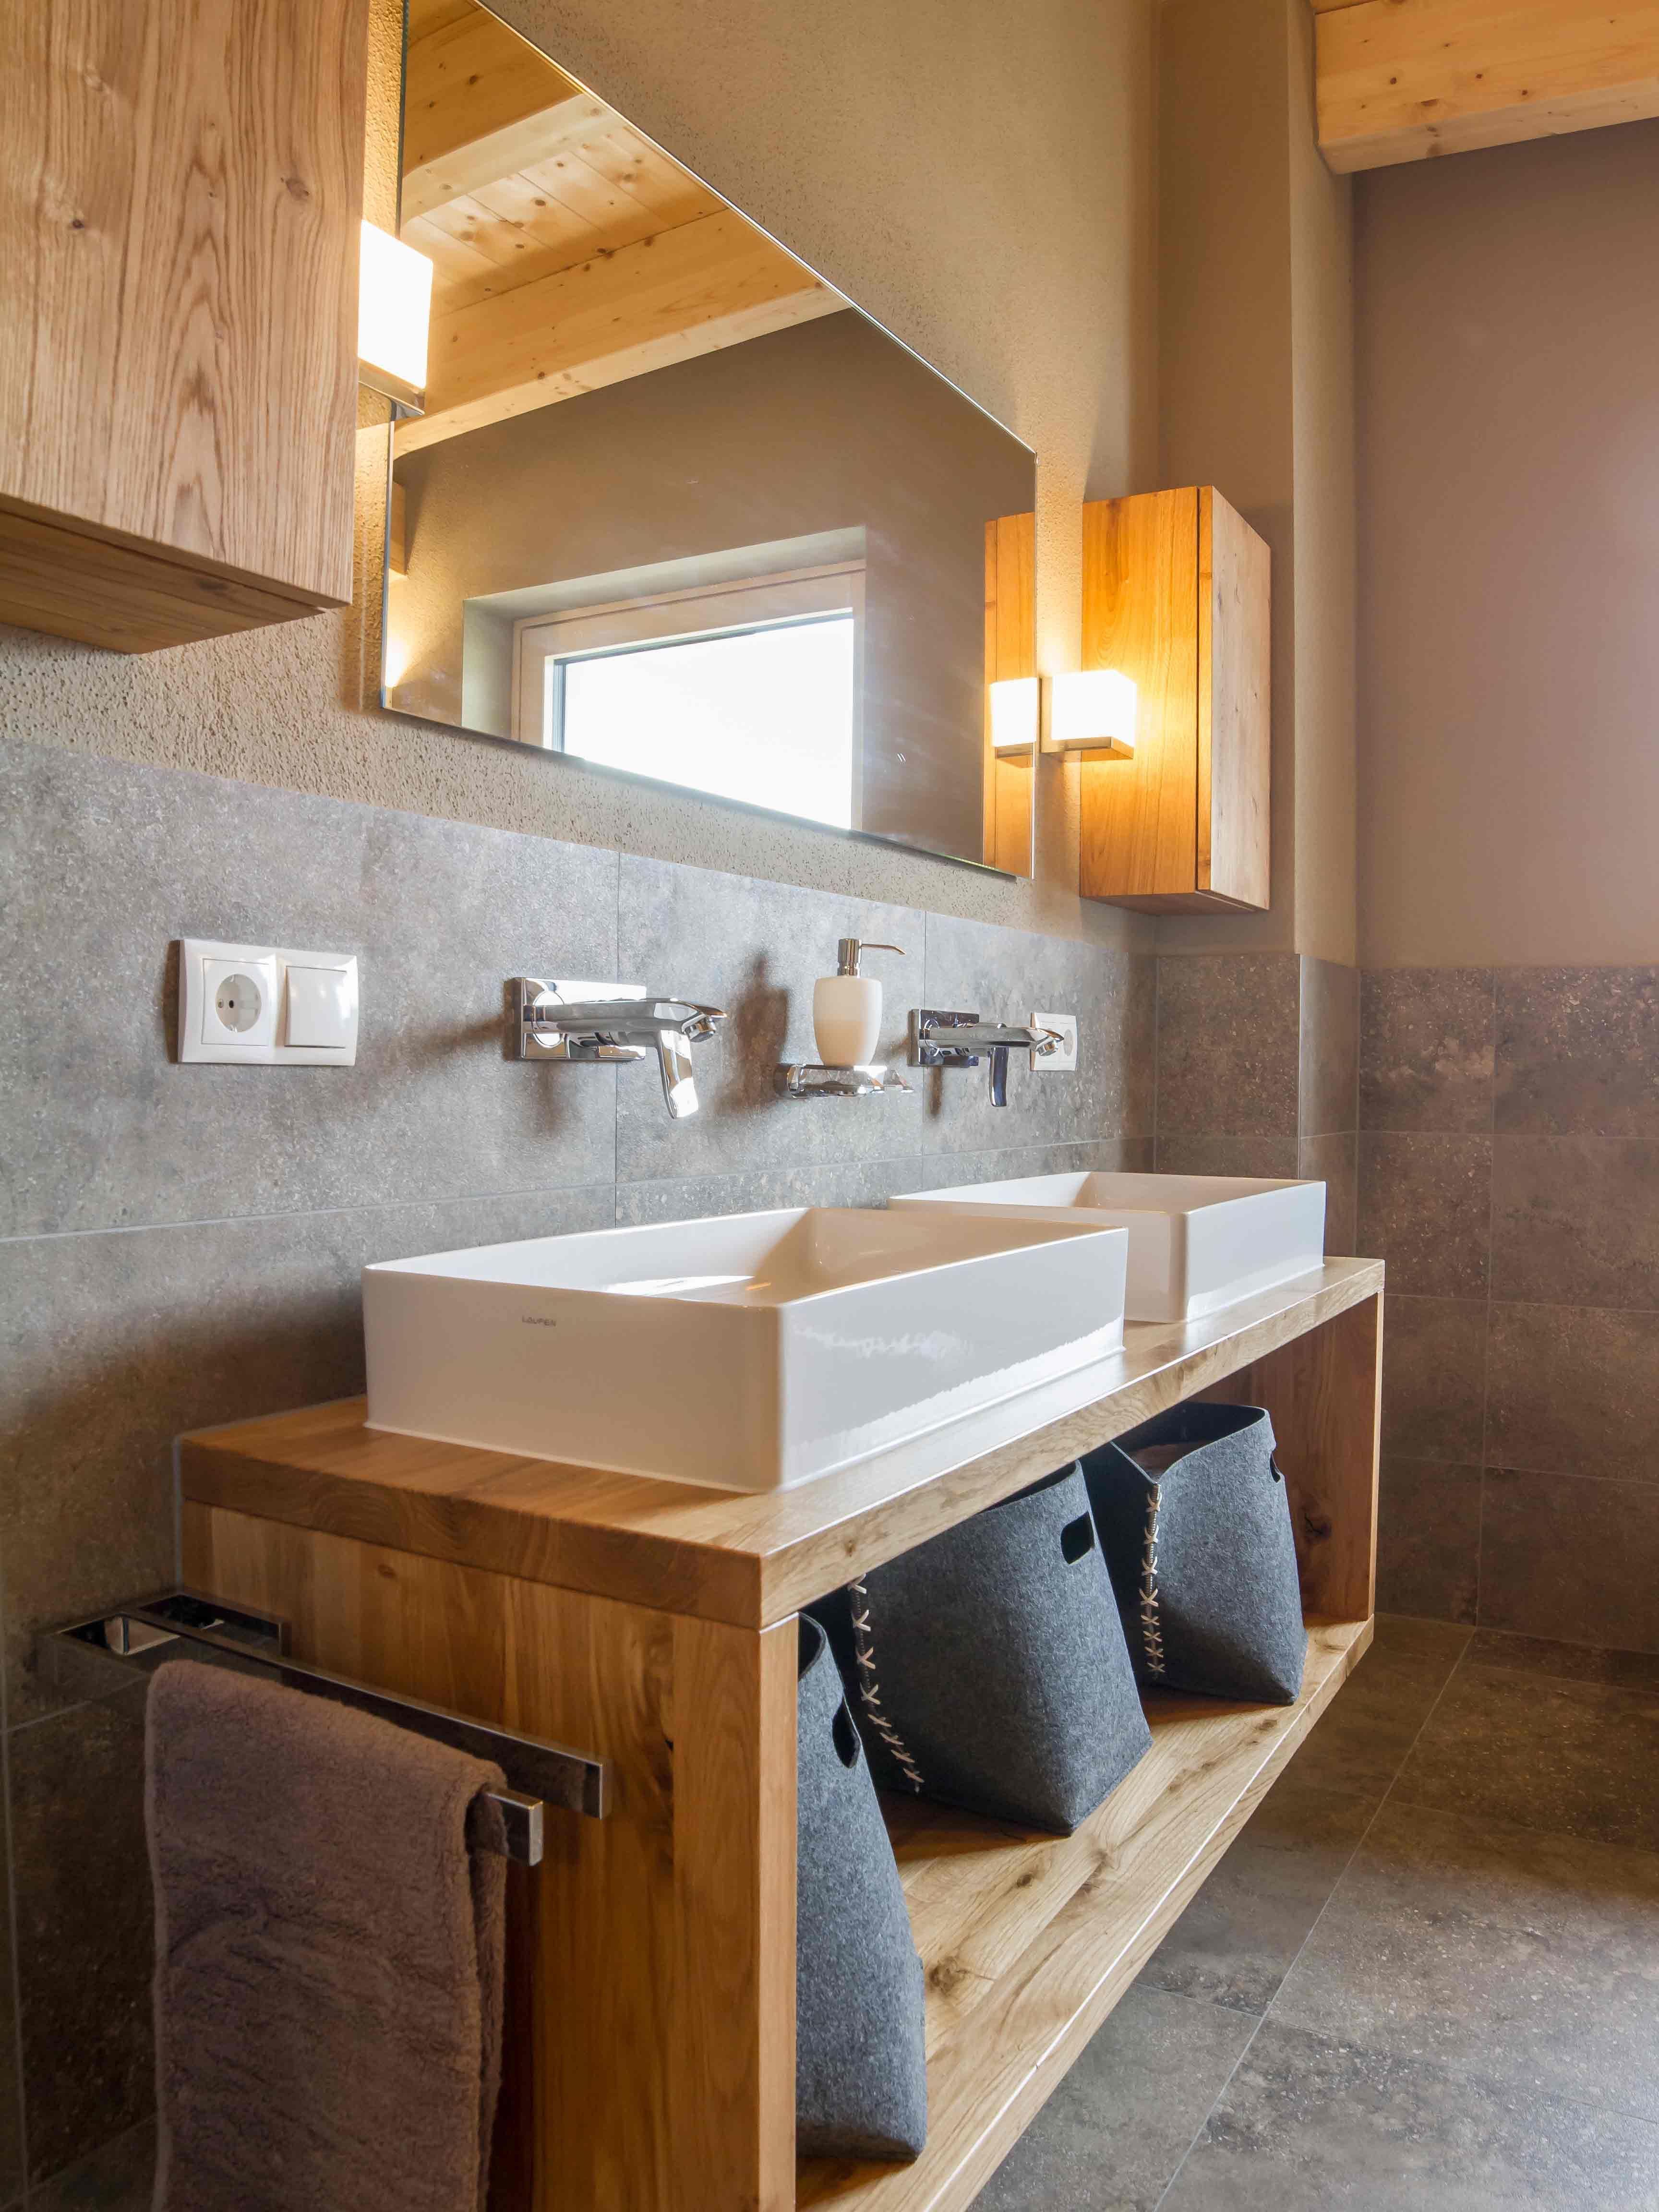 Inspirieren Lassen Auf Badezimmer Com Minimalistische Badgestaltung Minimalistisches Badezimmer Bad Inspiration